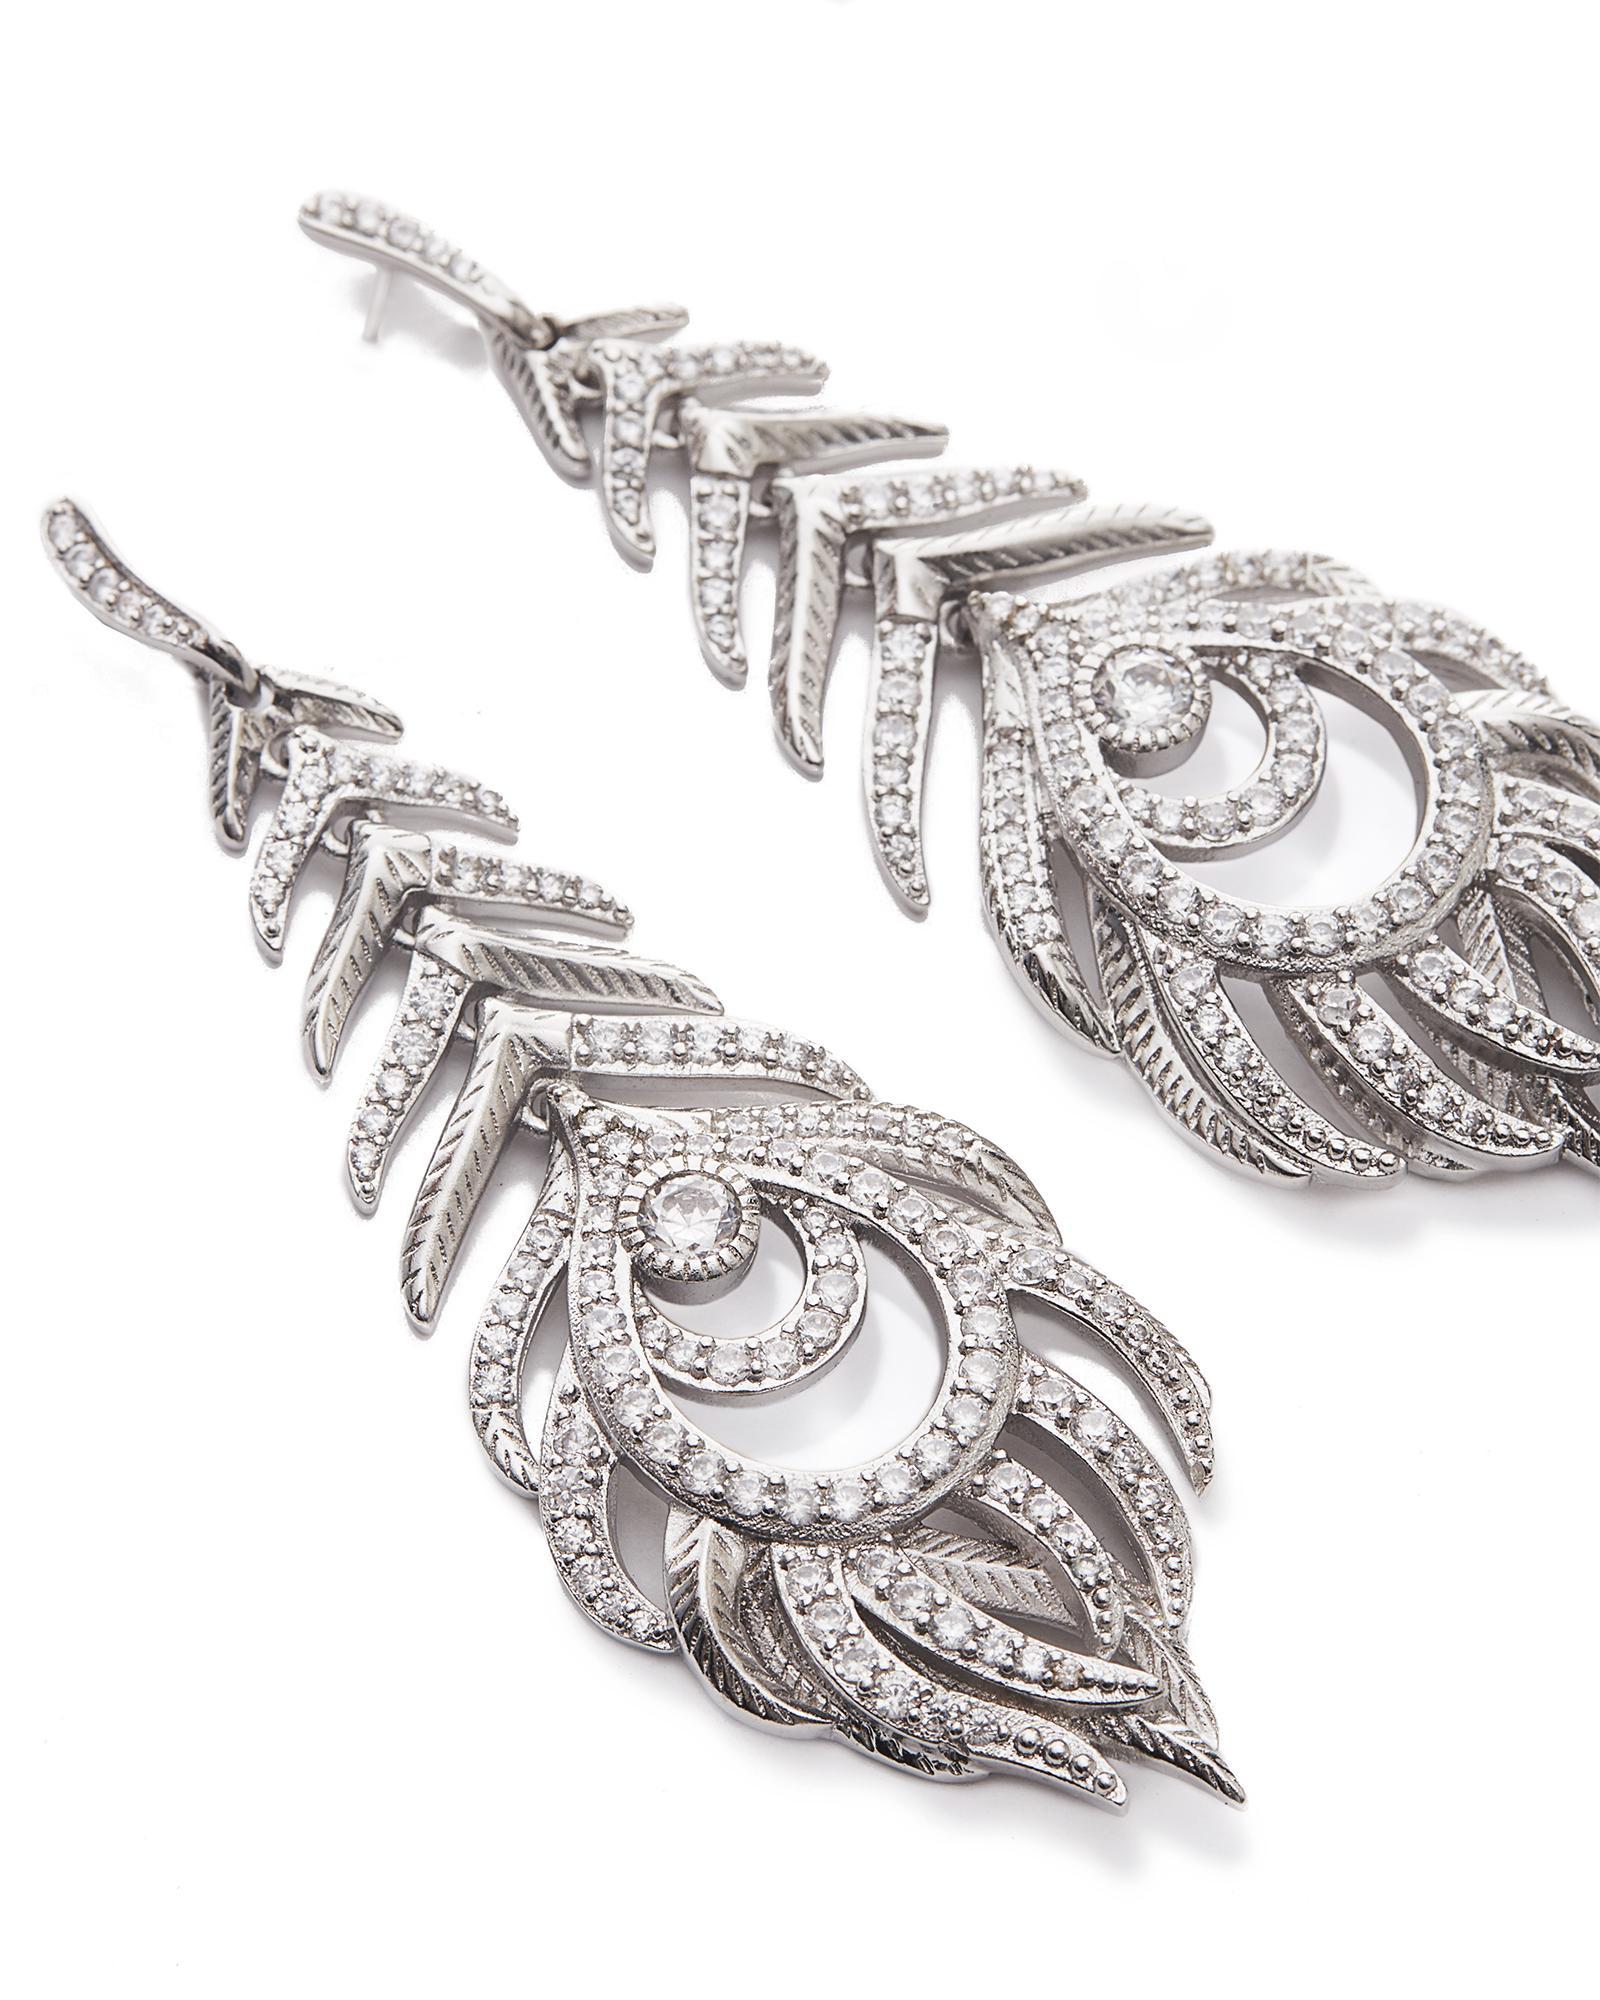 c218eb845 Elettra Statement Earrings in Silver; Elettra Statement Earrings in Silver  ...